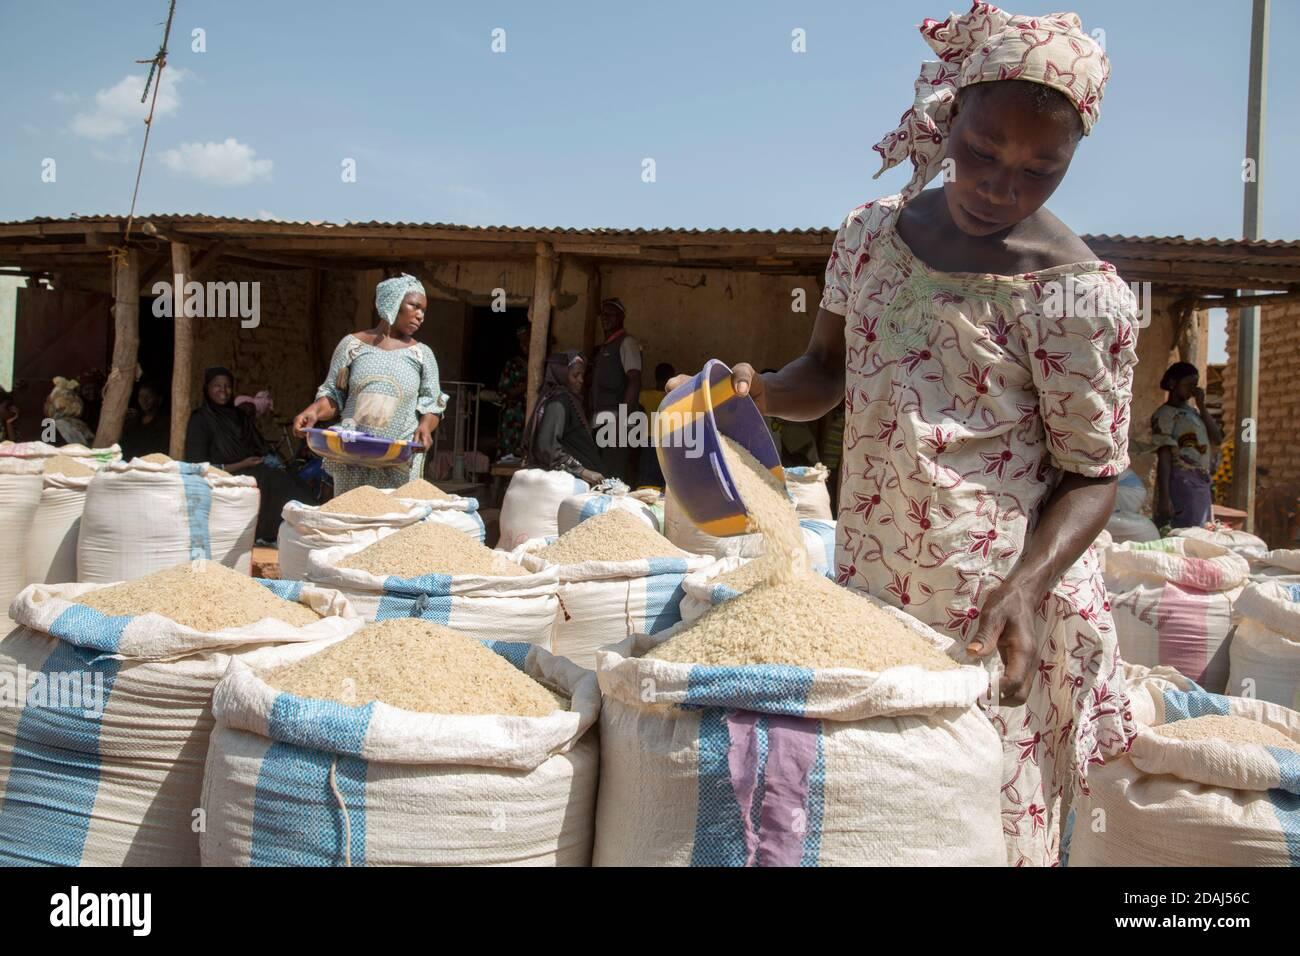 Selingue, Mali, 25 avril 2015; préparation des sacs de riz le jour du marché. Banque D'Images